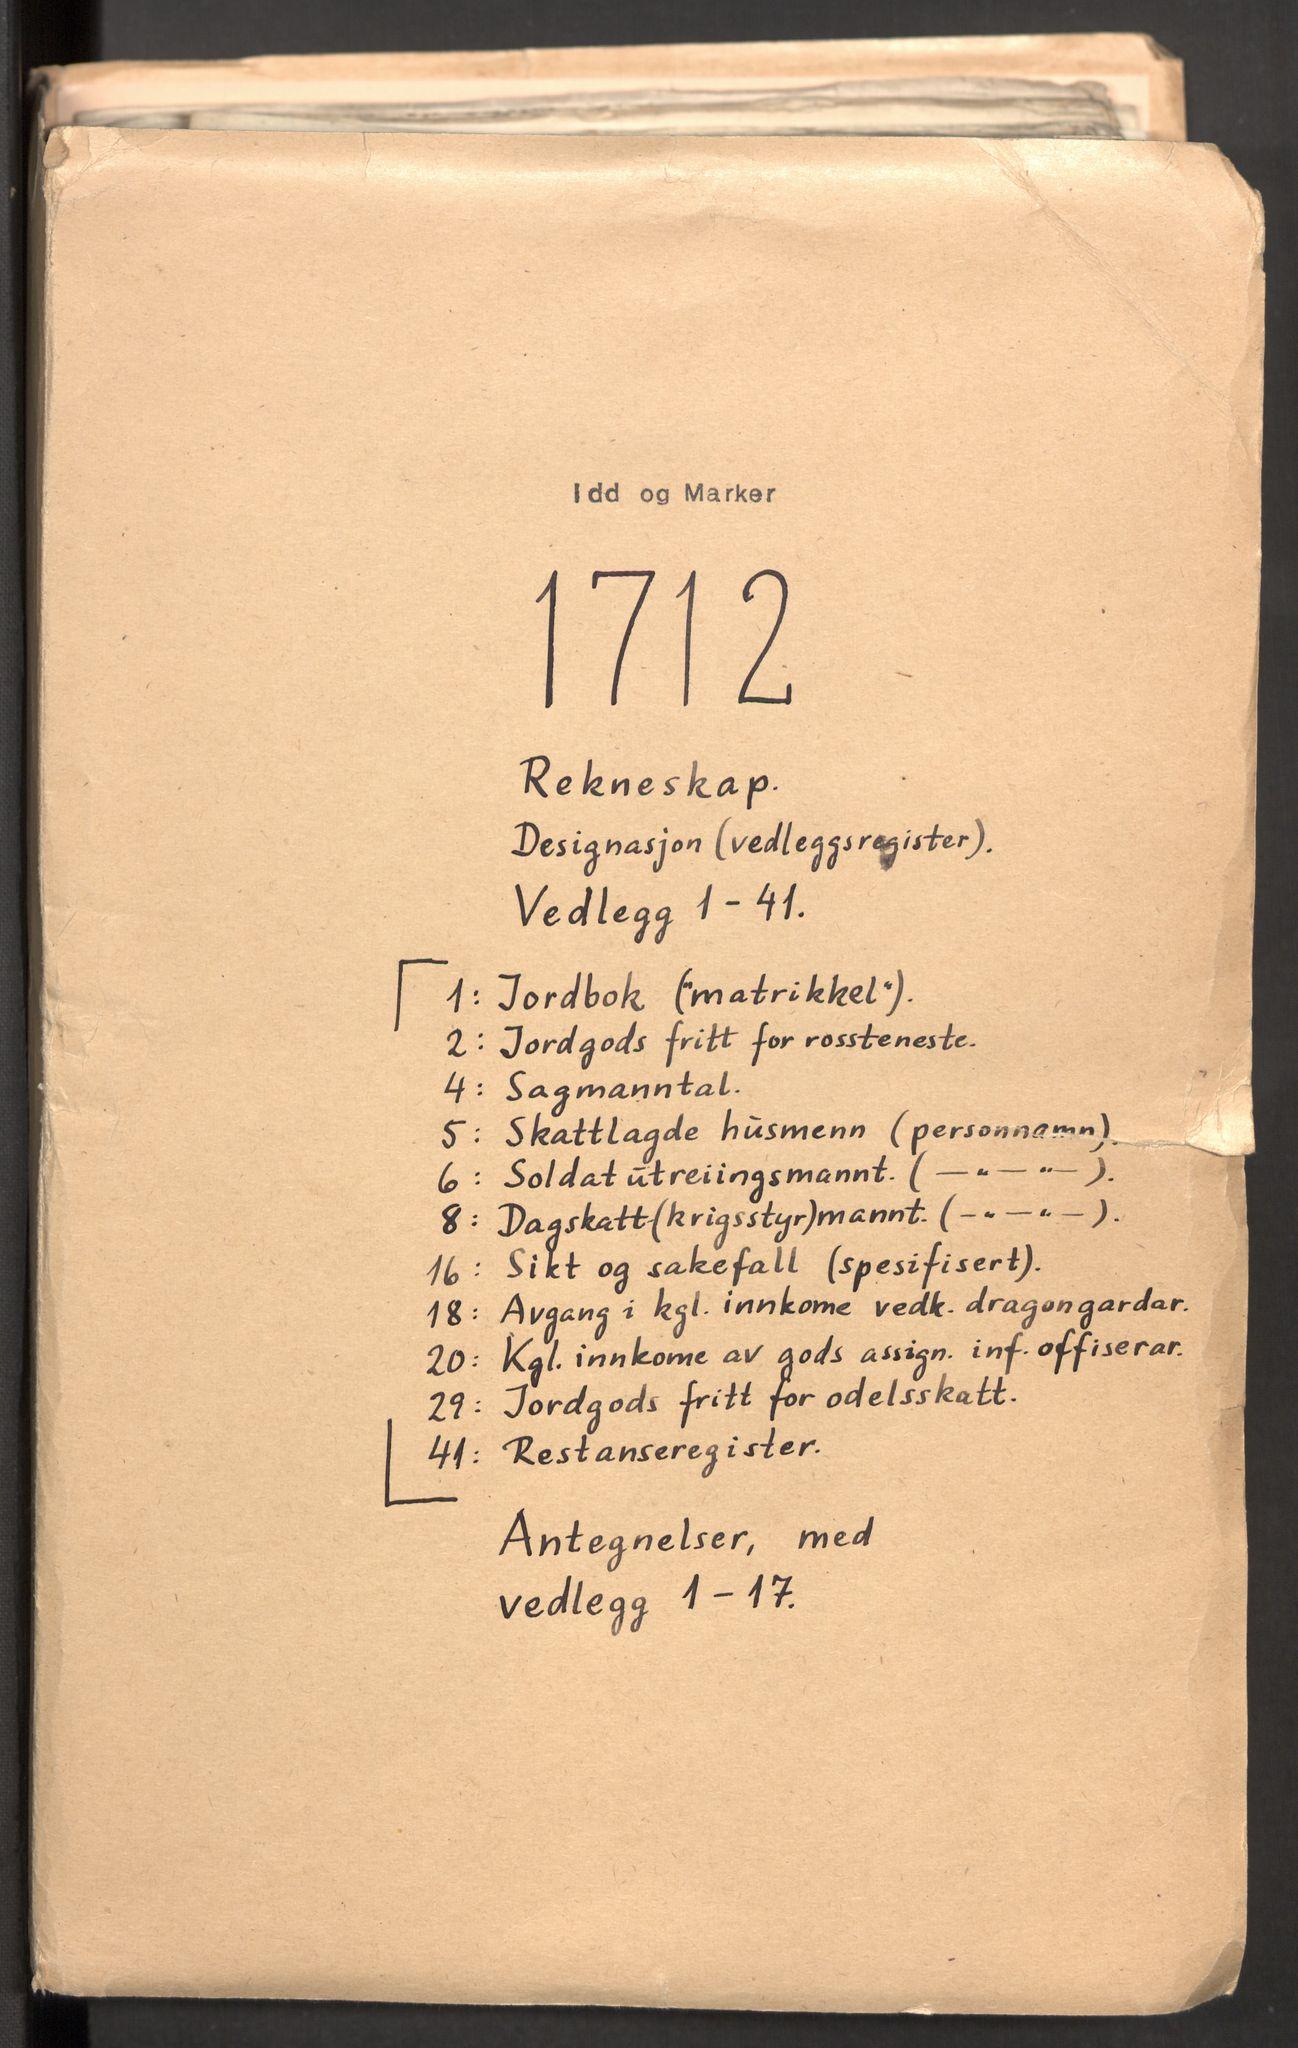 RA, Rentekammeret inntil 1814, Reviderte regnskaper, Fogderegnskap, R01/L0021: Fogderegnskap Idd og Marker, 1712, s. 2